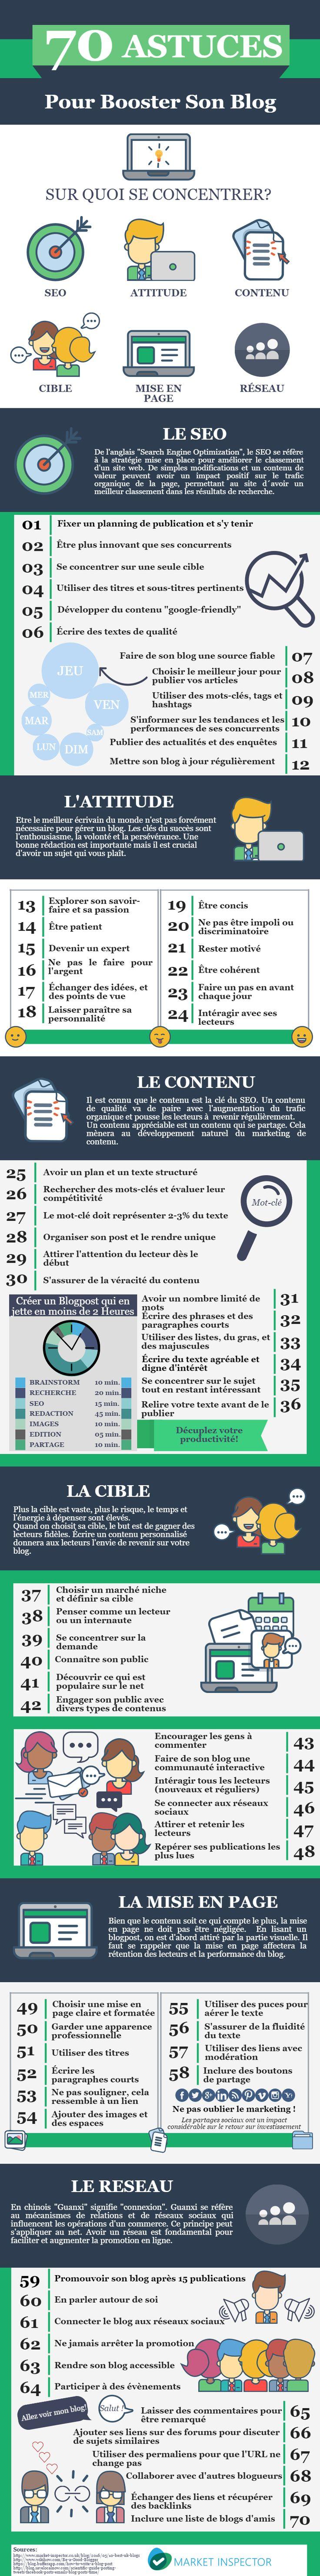 15 juillet 2016 - Une infographie qui propose une petite (sic) check-list de 70 trucs et conseils pour faire vivre intelligemment son blog, de façon ludique et efficace. On par Actualité Abondance